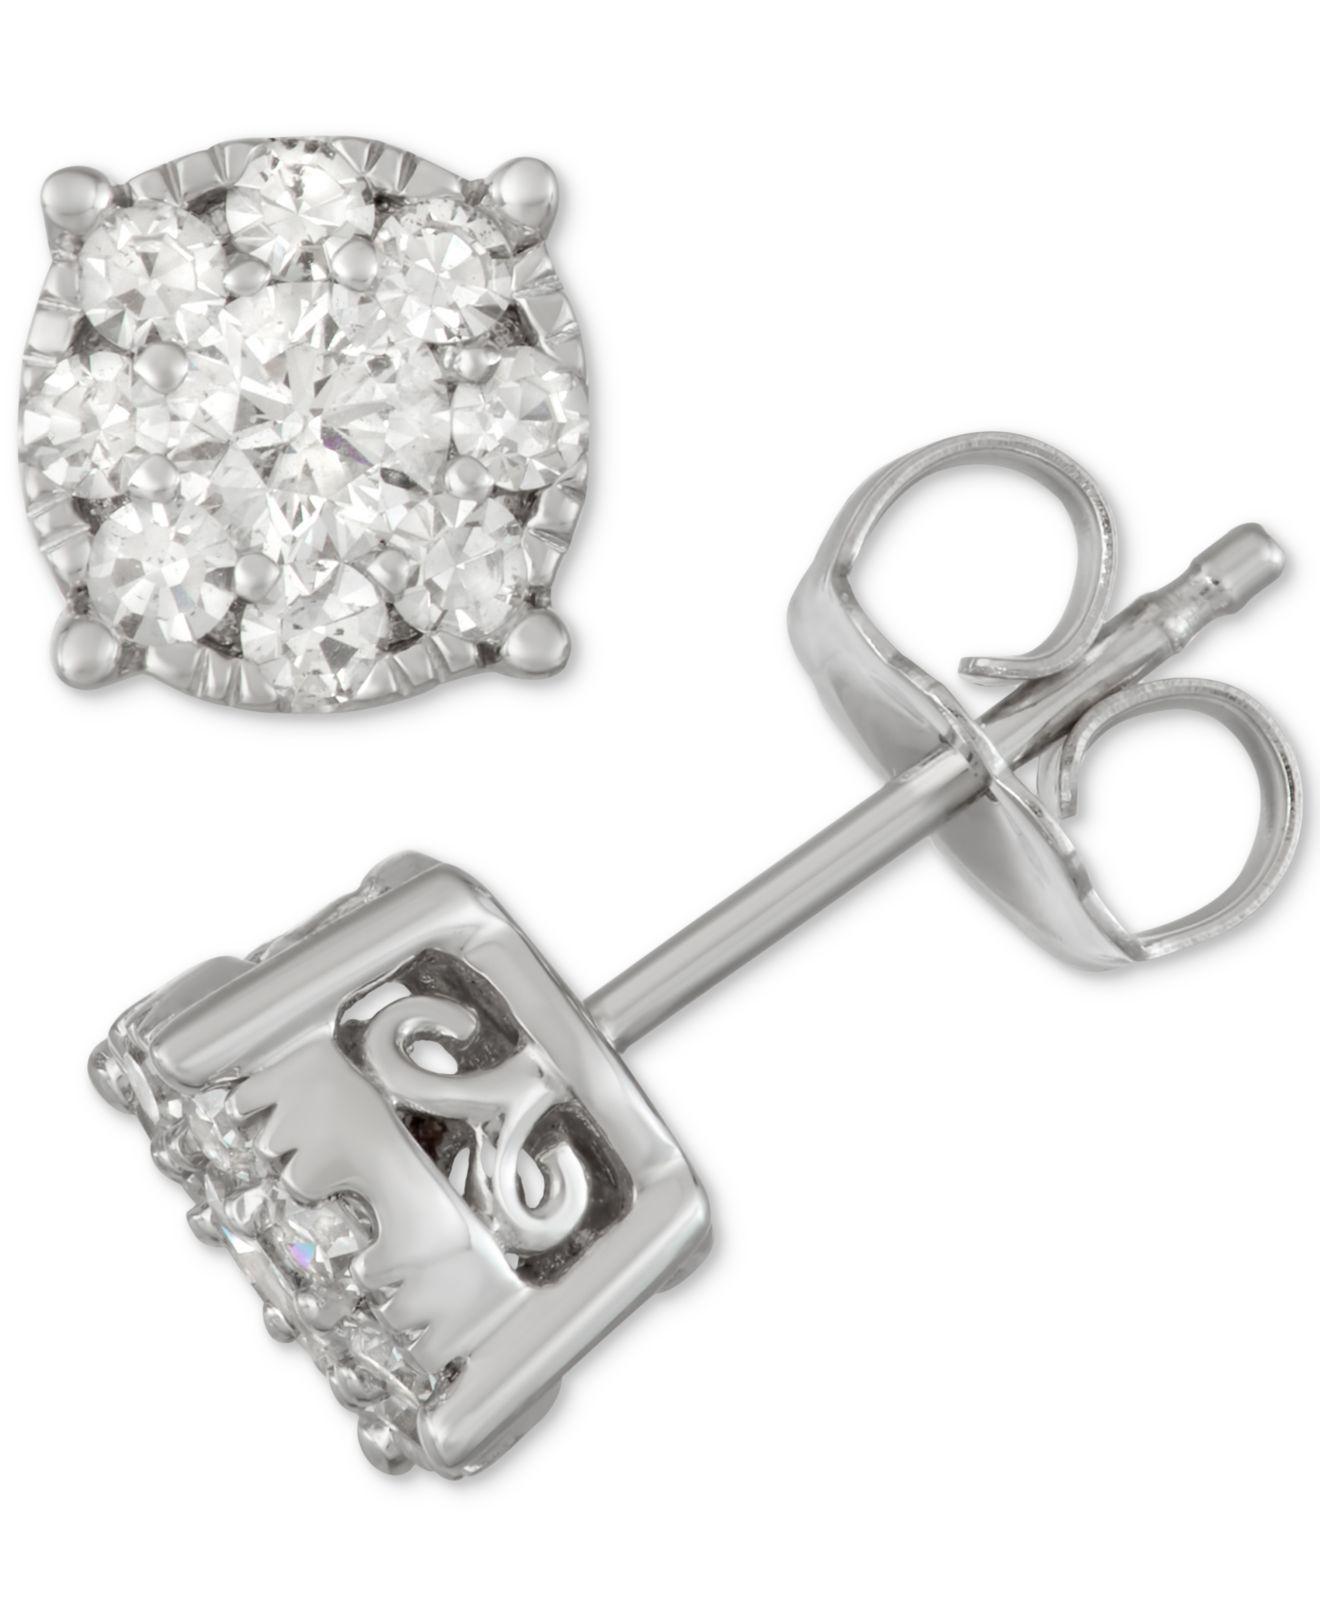 9c14120f3 Macy's - Multicolor Diamond Cluster Stud Earrings (1/2 Ct. T.w.) In. View  fullscreen